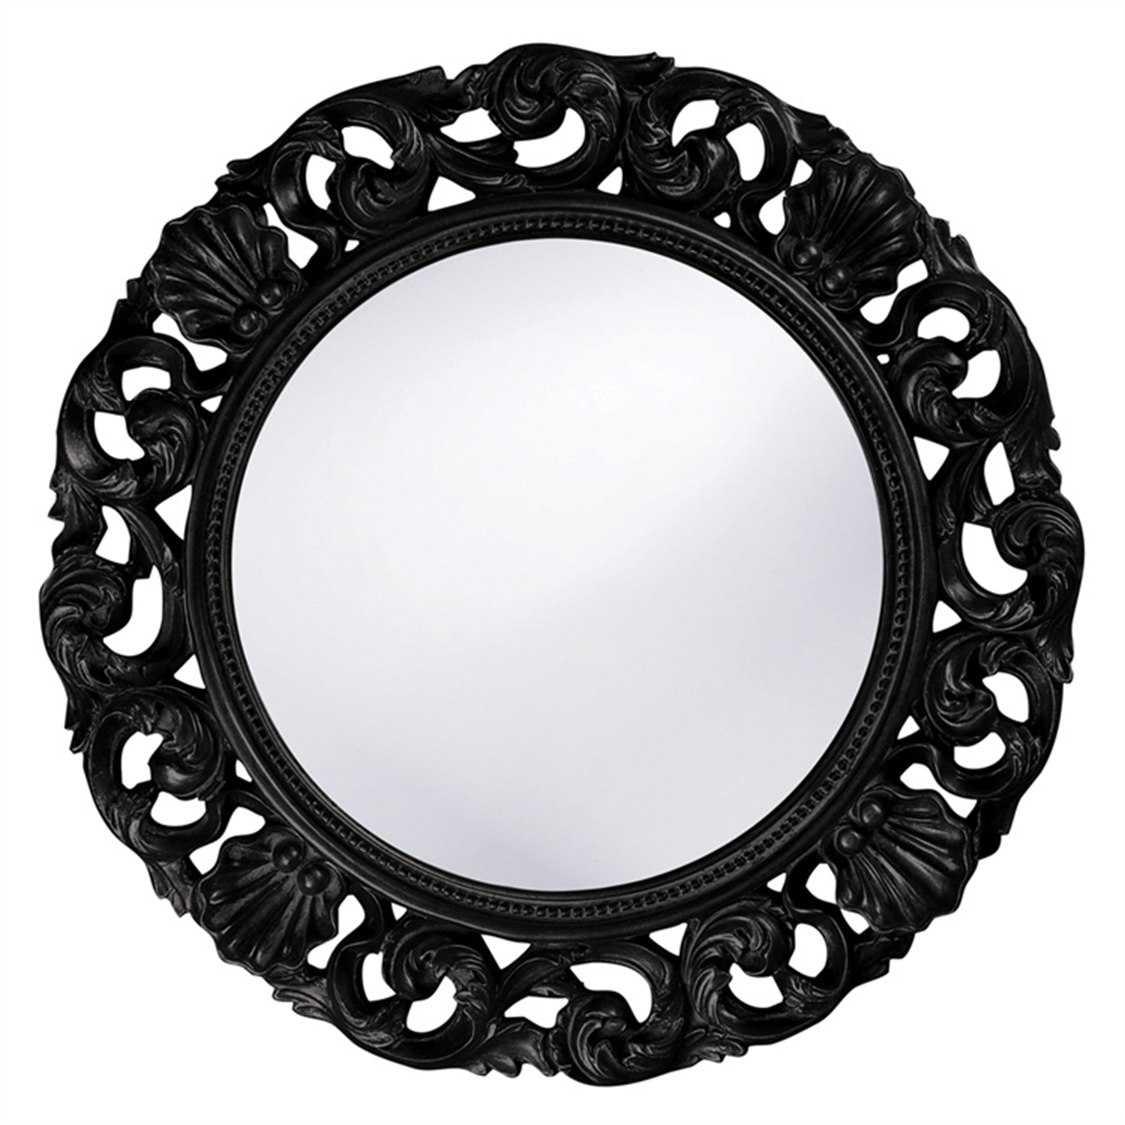 Howard elliott glendale 26 round black wall mirror he2170bl for Round black wall mirror